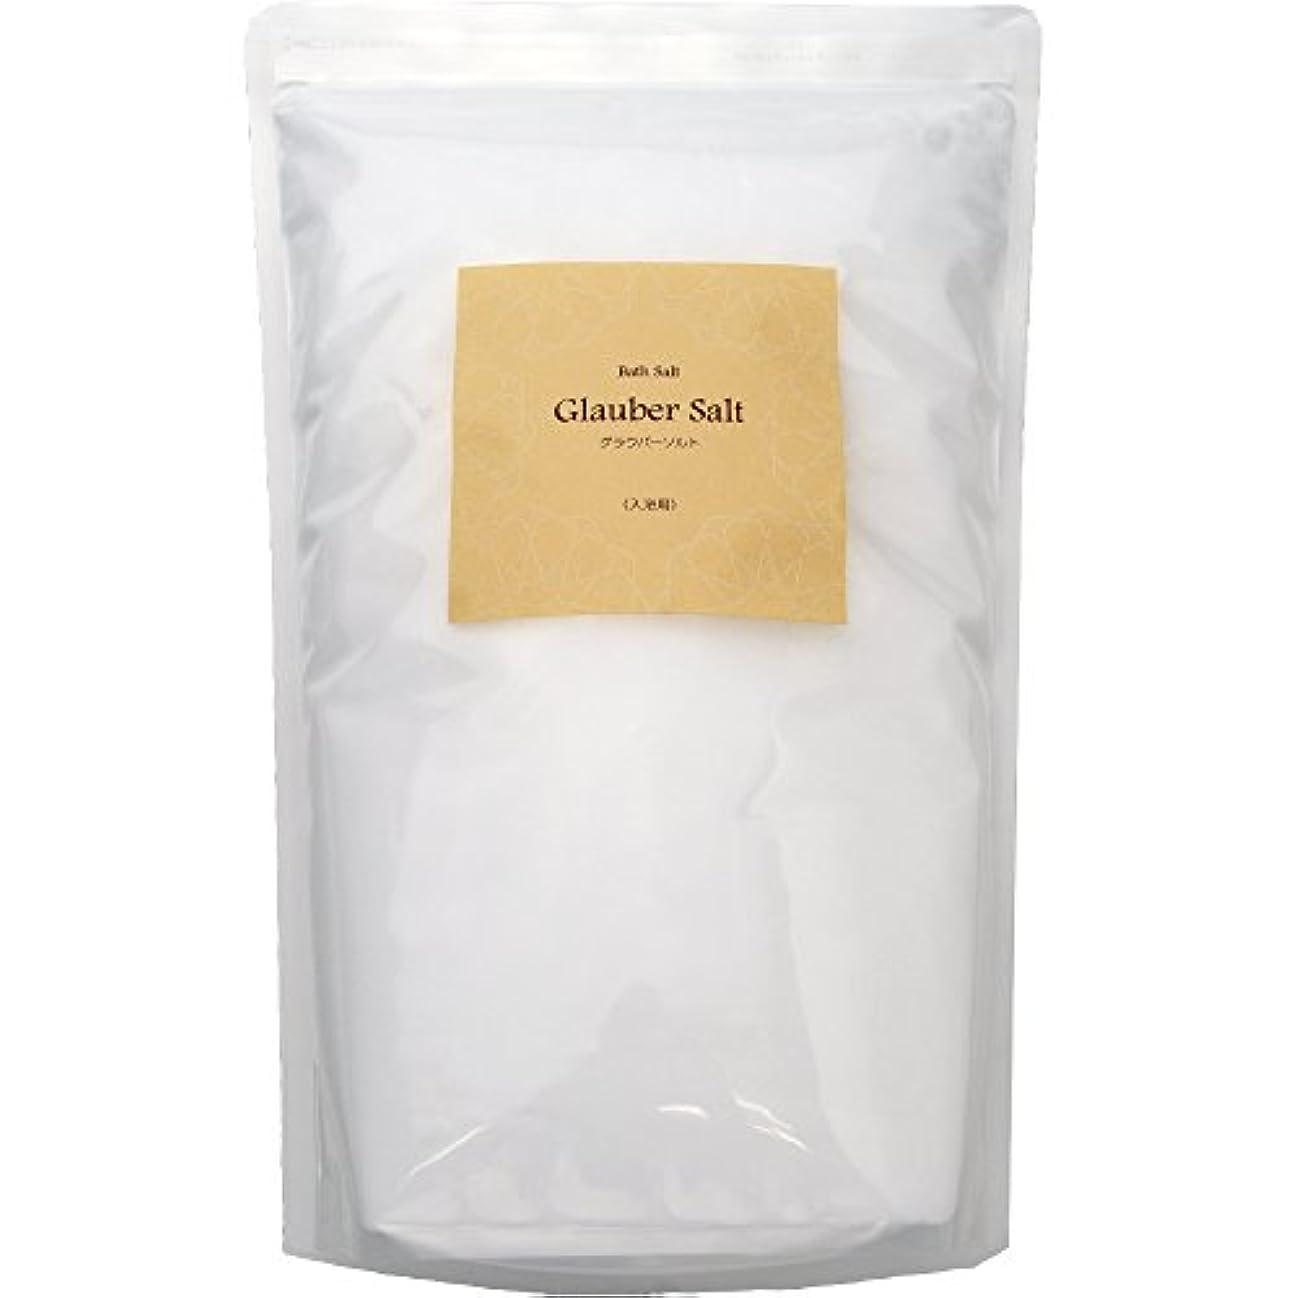 ホラーおとなしい拒絶アースコンシャス 国産 グラウバーソルト [10kgパック / 入浴剤 原料] バスソルト 入浴用 硫酸ナトリウム 大容量 (計量スプーン付) [合成着色料・合成香料・防腐剤 無添加]